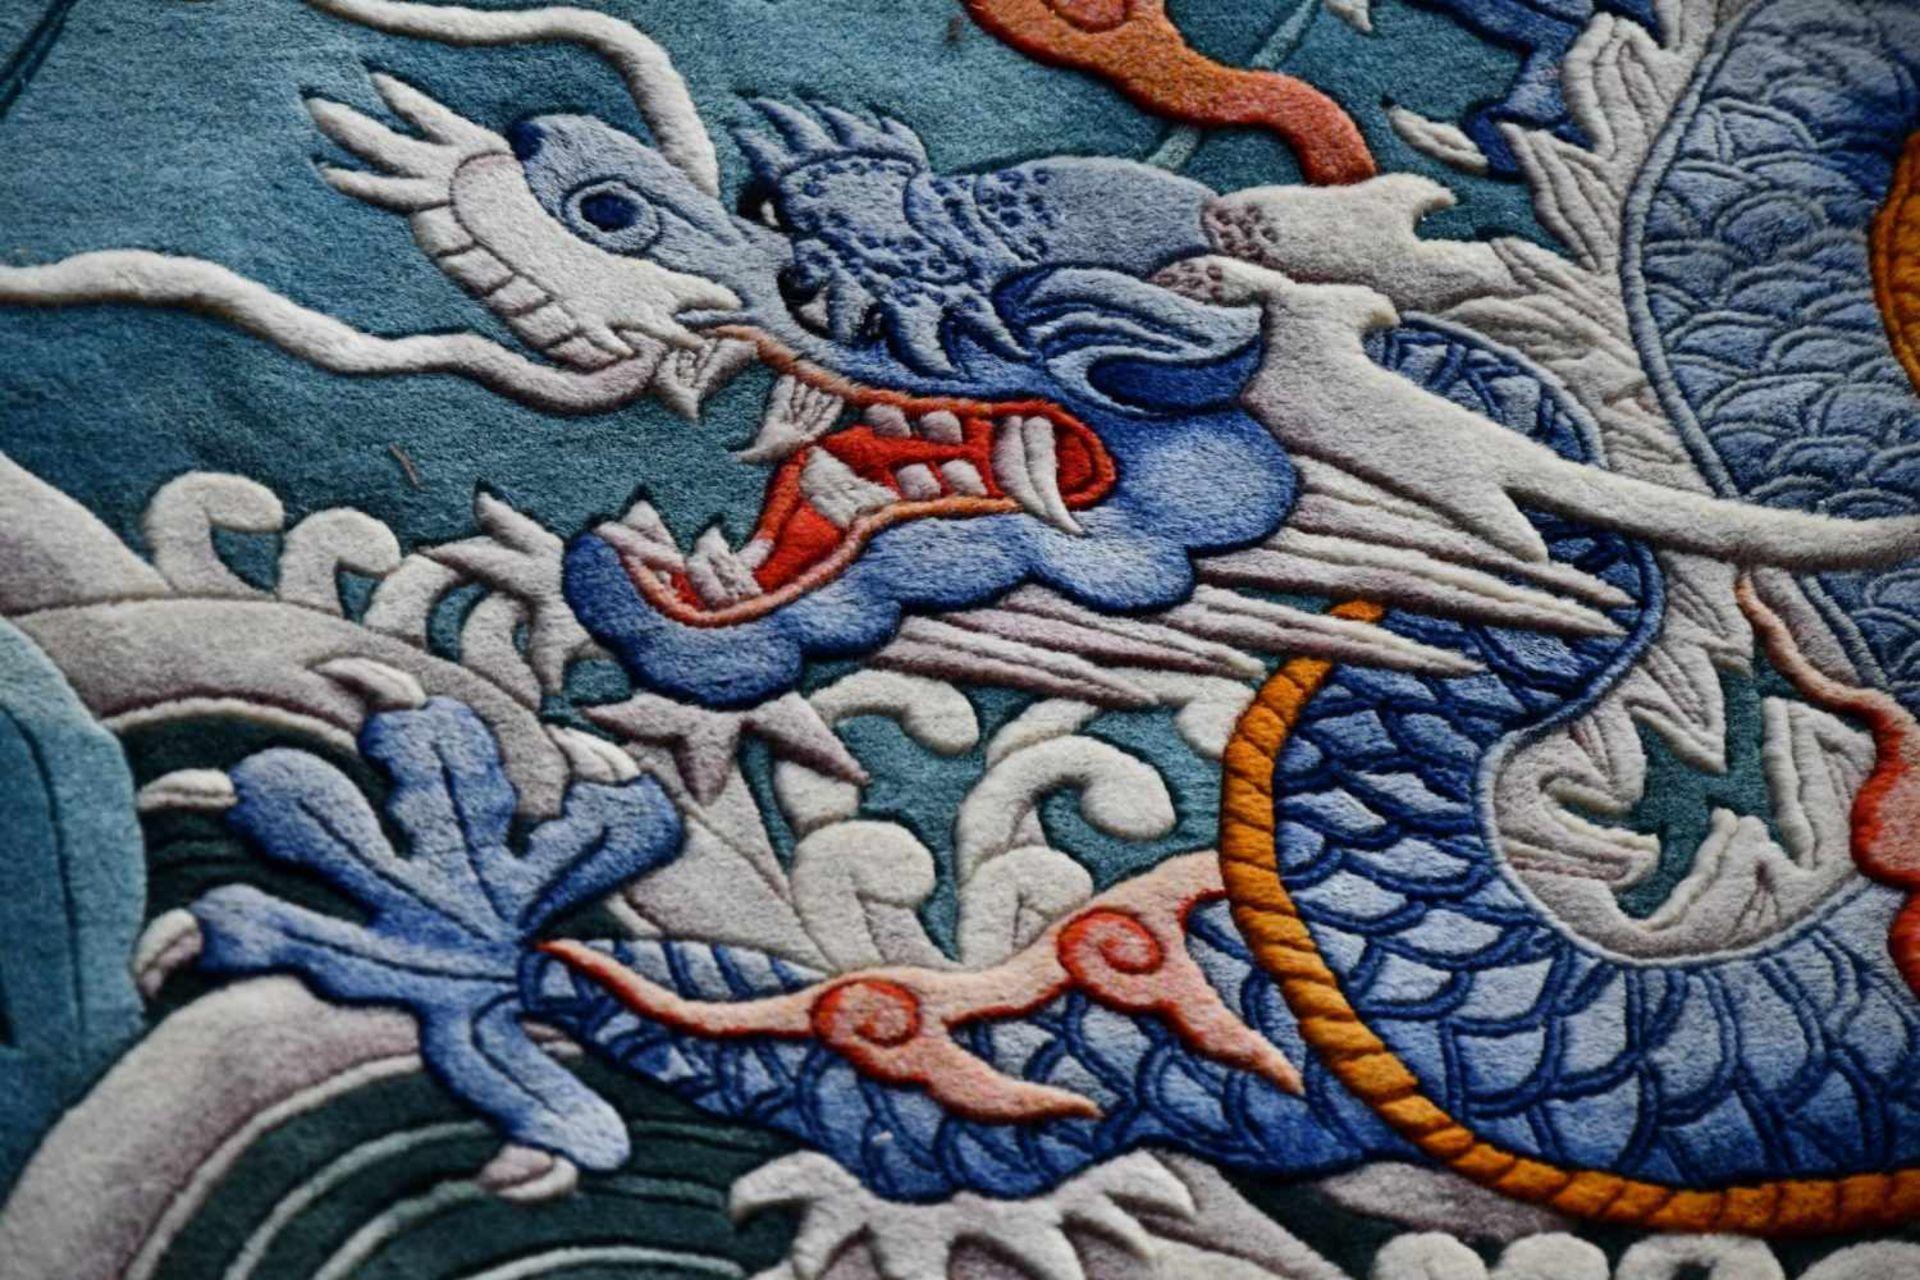 Großer Wandteppich, ChinaKampf des goldenen und blauen Drachen auf türkisfarbenem Fond, unten - Bild 6 aus 6